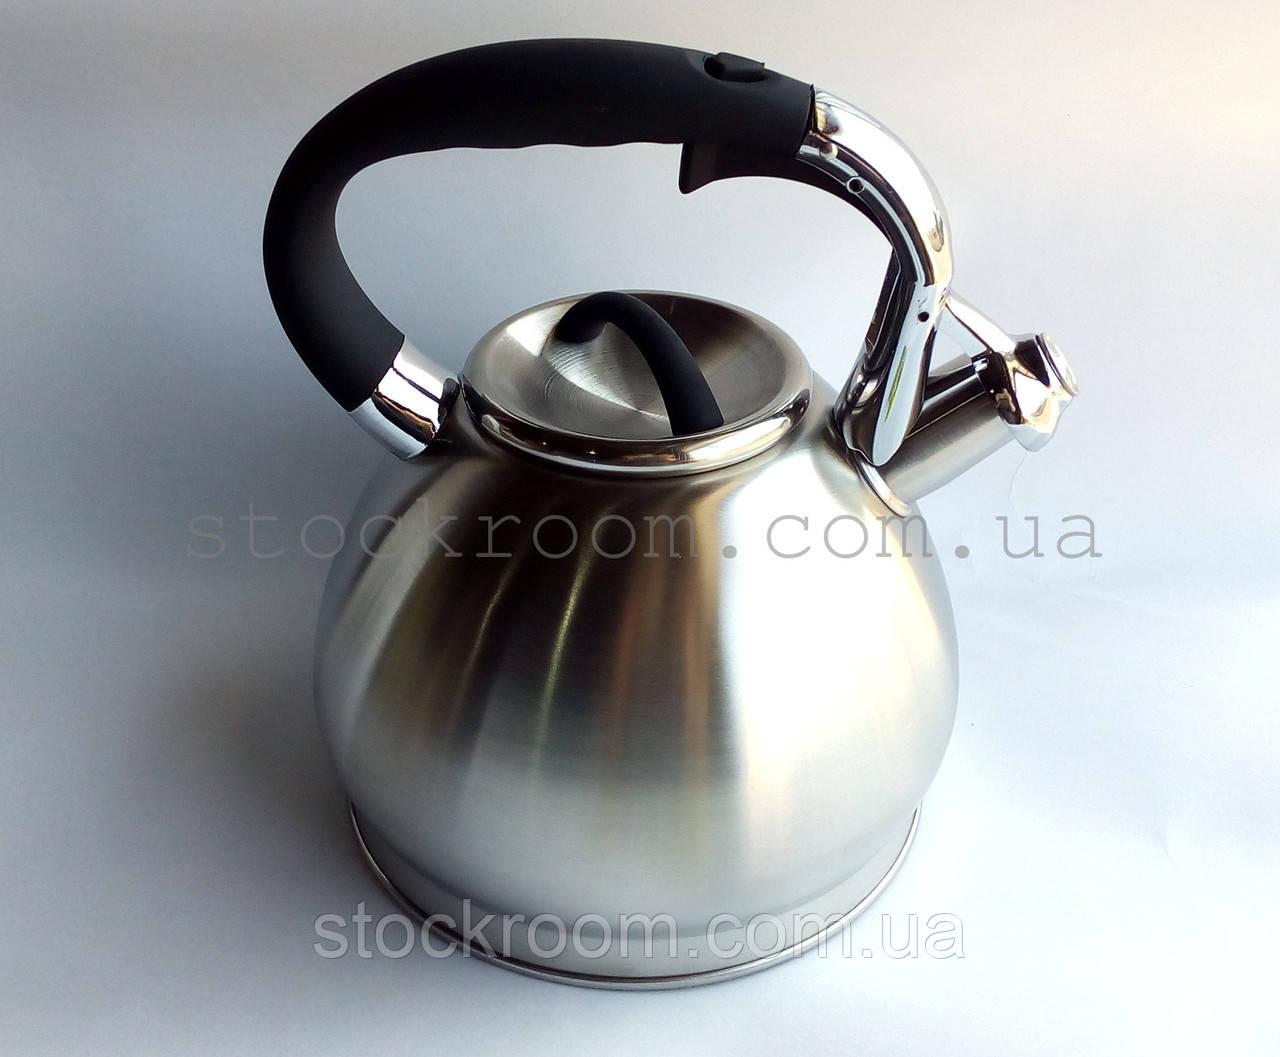 Чайник из нержавеющей стали 3.0 л MPM MCN - 08M